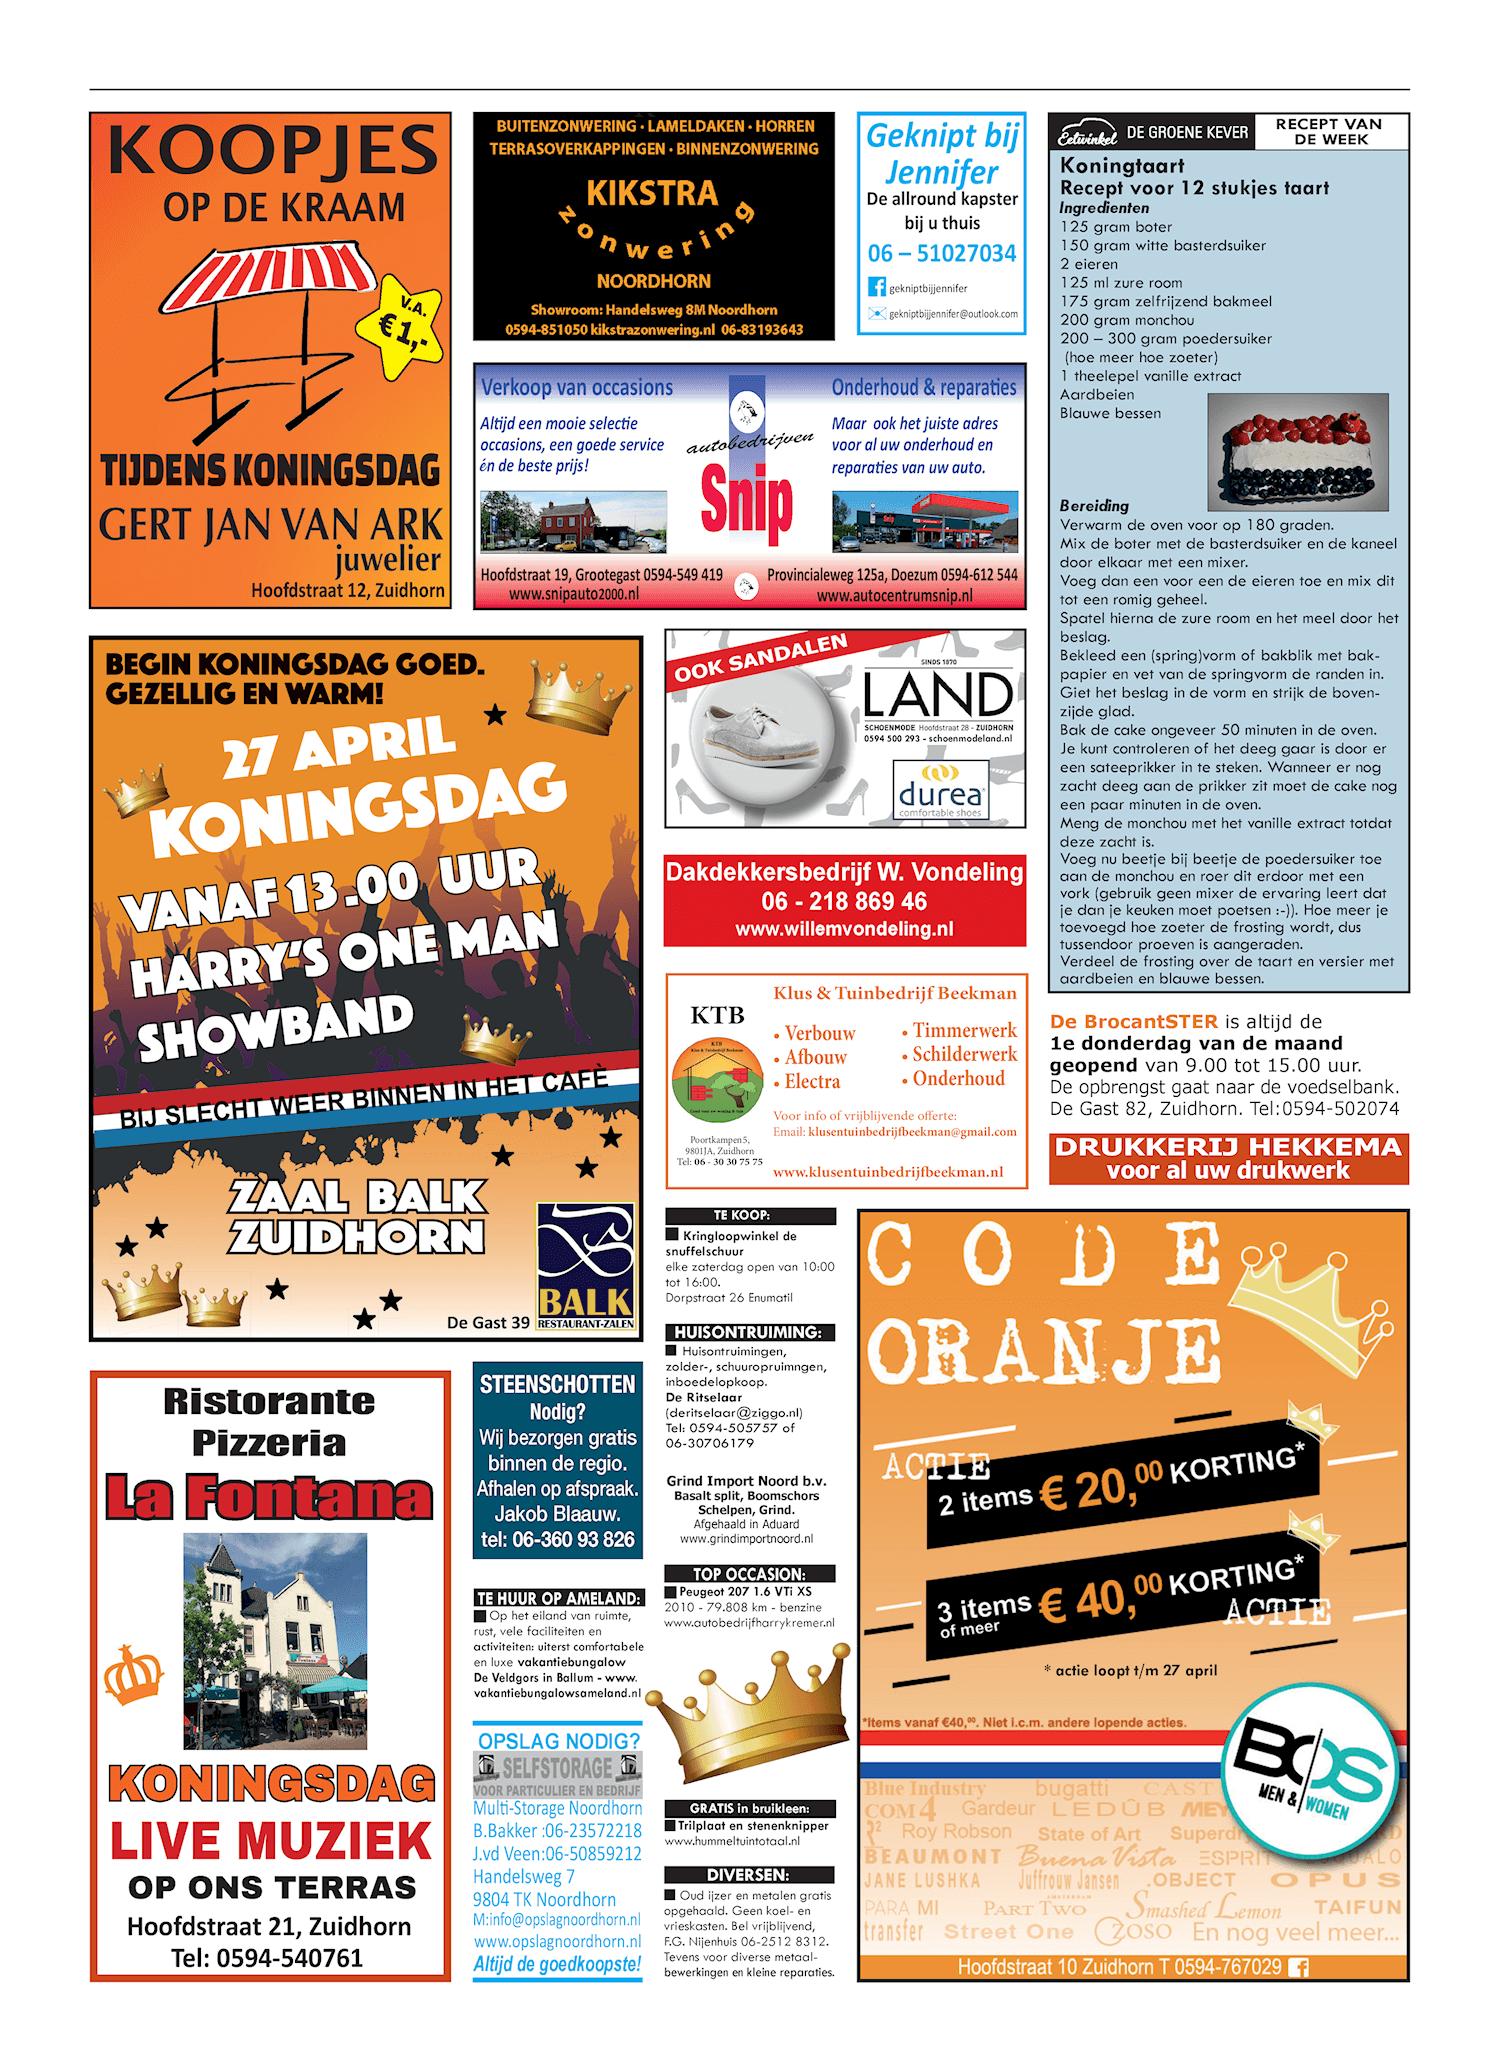 Drukkerij Hekkema - Zuidhorn - Zaken die uw aandacht vragen 2019 week 17